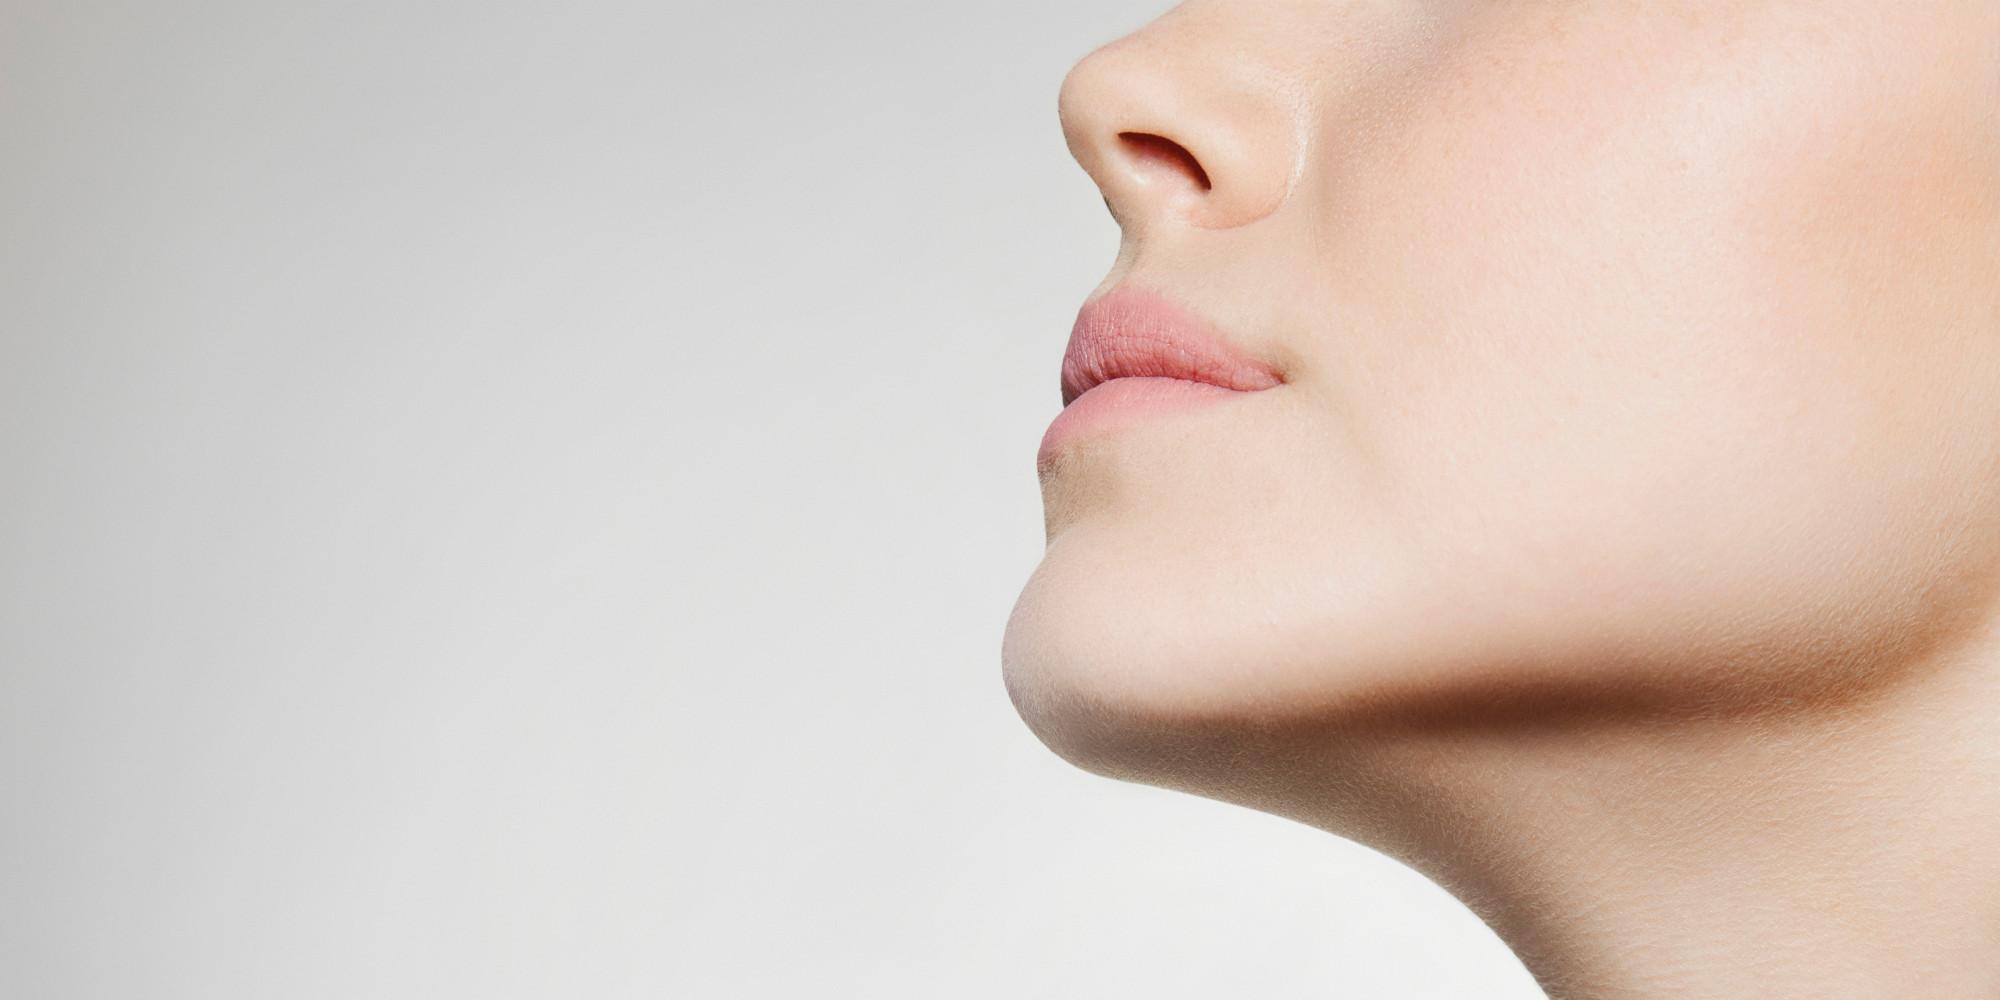 l u0026 39 odorat des humains permettrait de d u00e9tecter des maladies